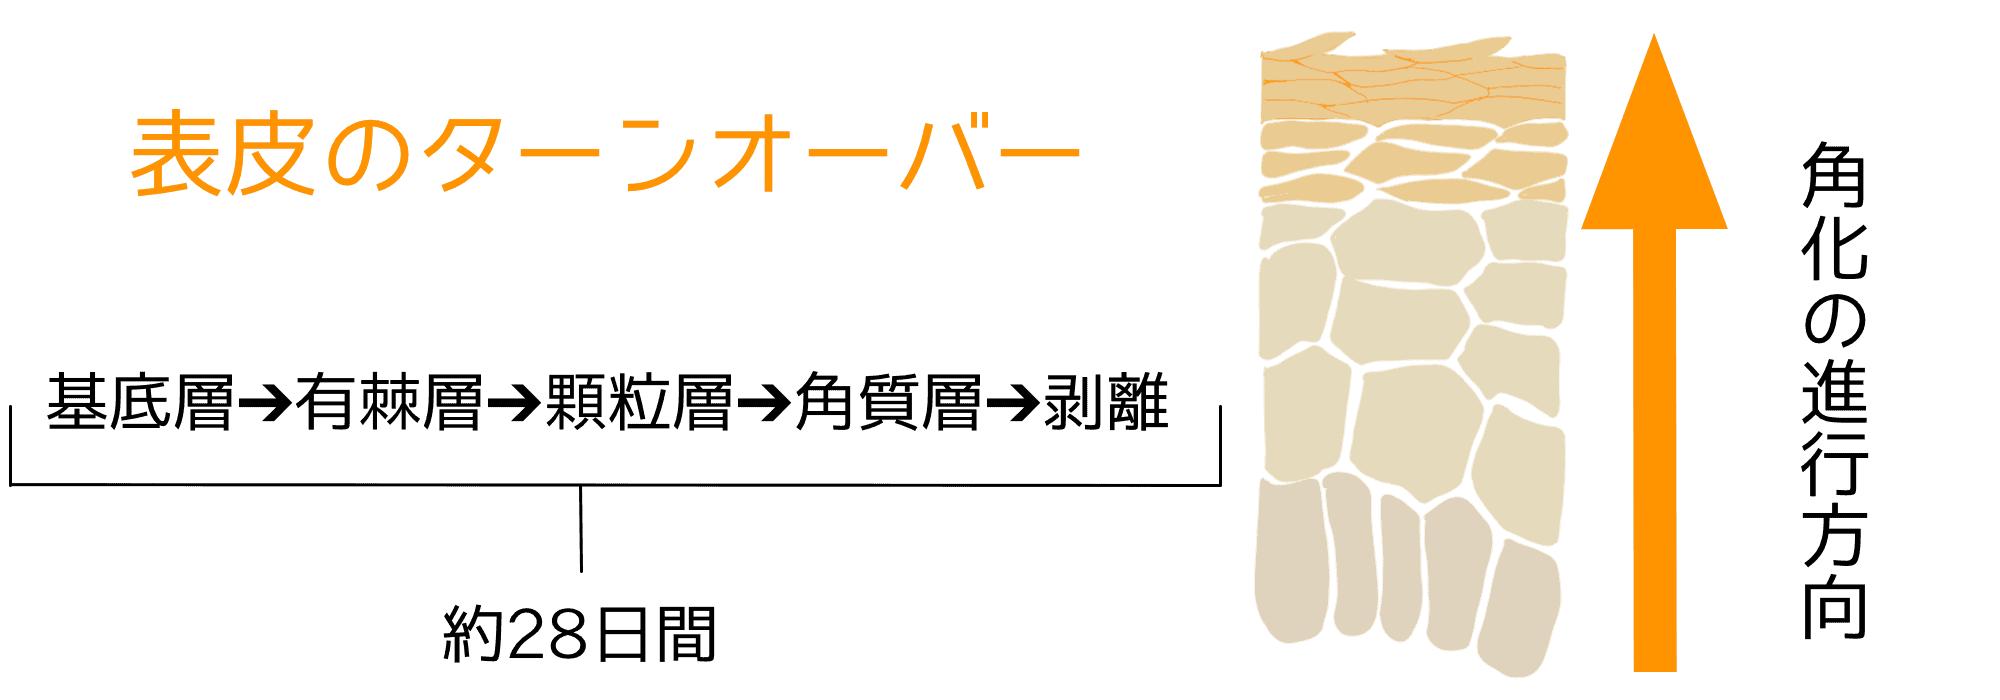 【湯シャンの正しいやり方】美容師が教えるお湯シャンの効果的な洗い方